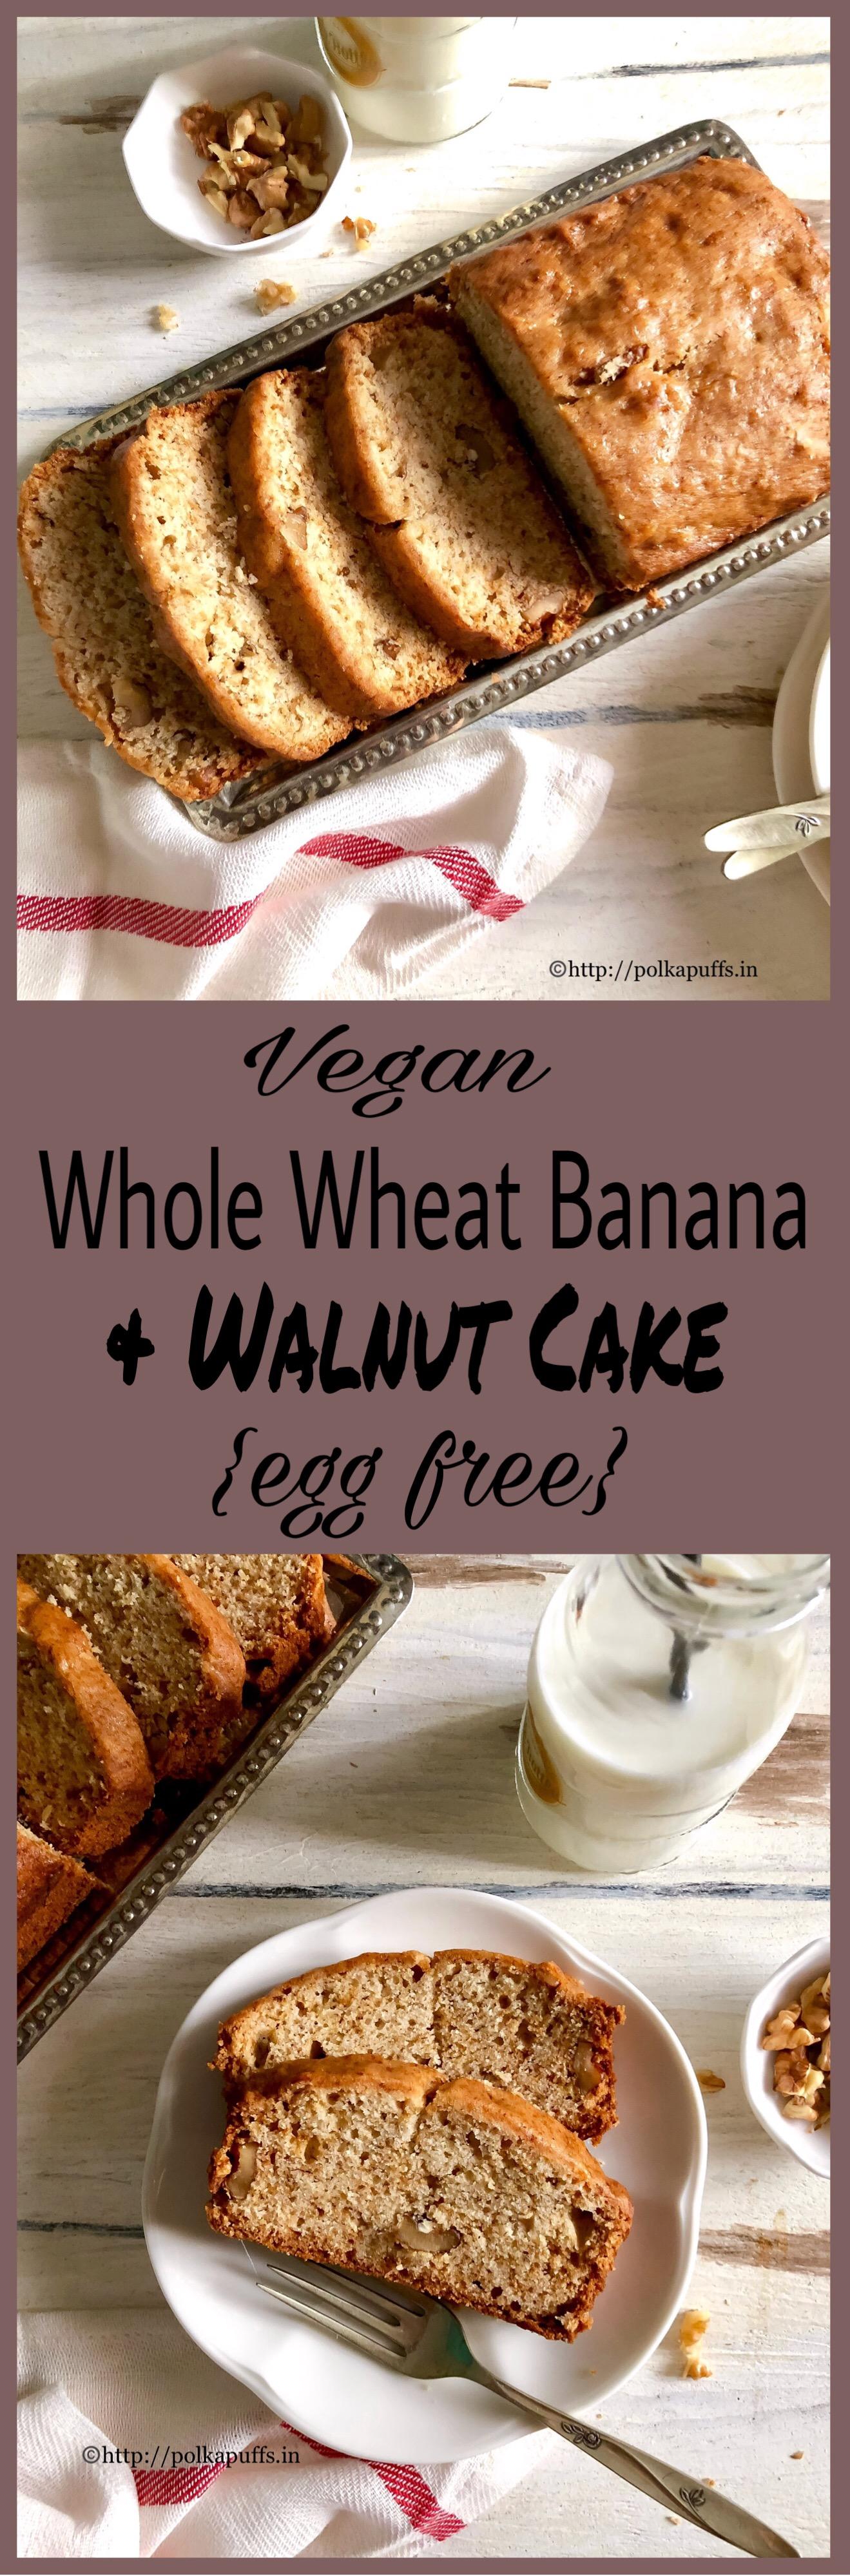 WW banana walnut cake pinterest